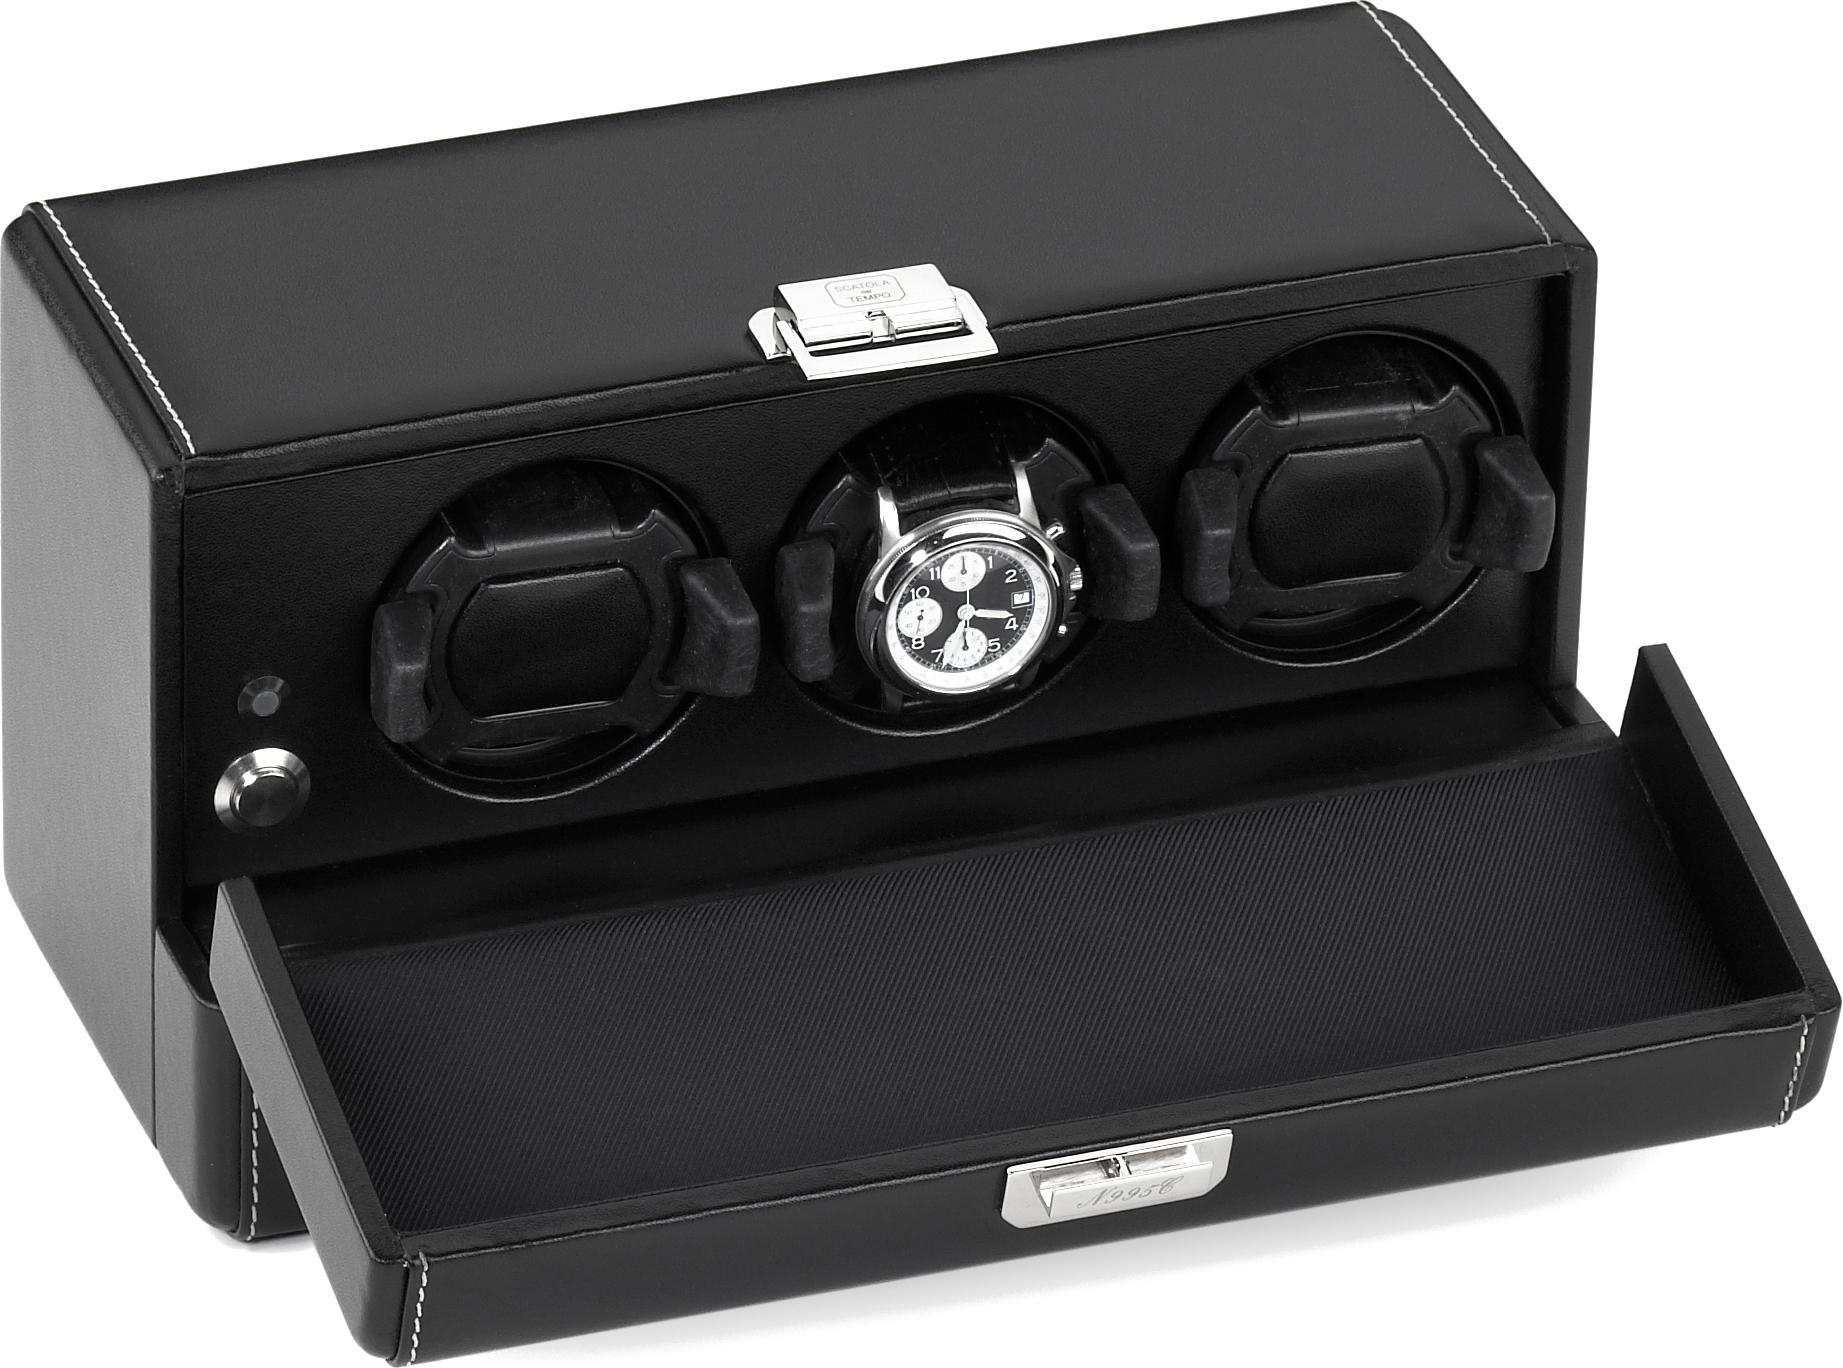 Scatola del Tempo 3RT OS BLACK Шкатулка для трех механических часов с автоподзаводом, отделана натуральной кожей черного цвета